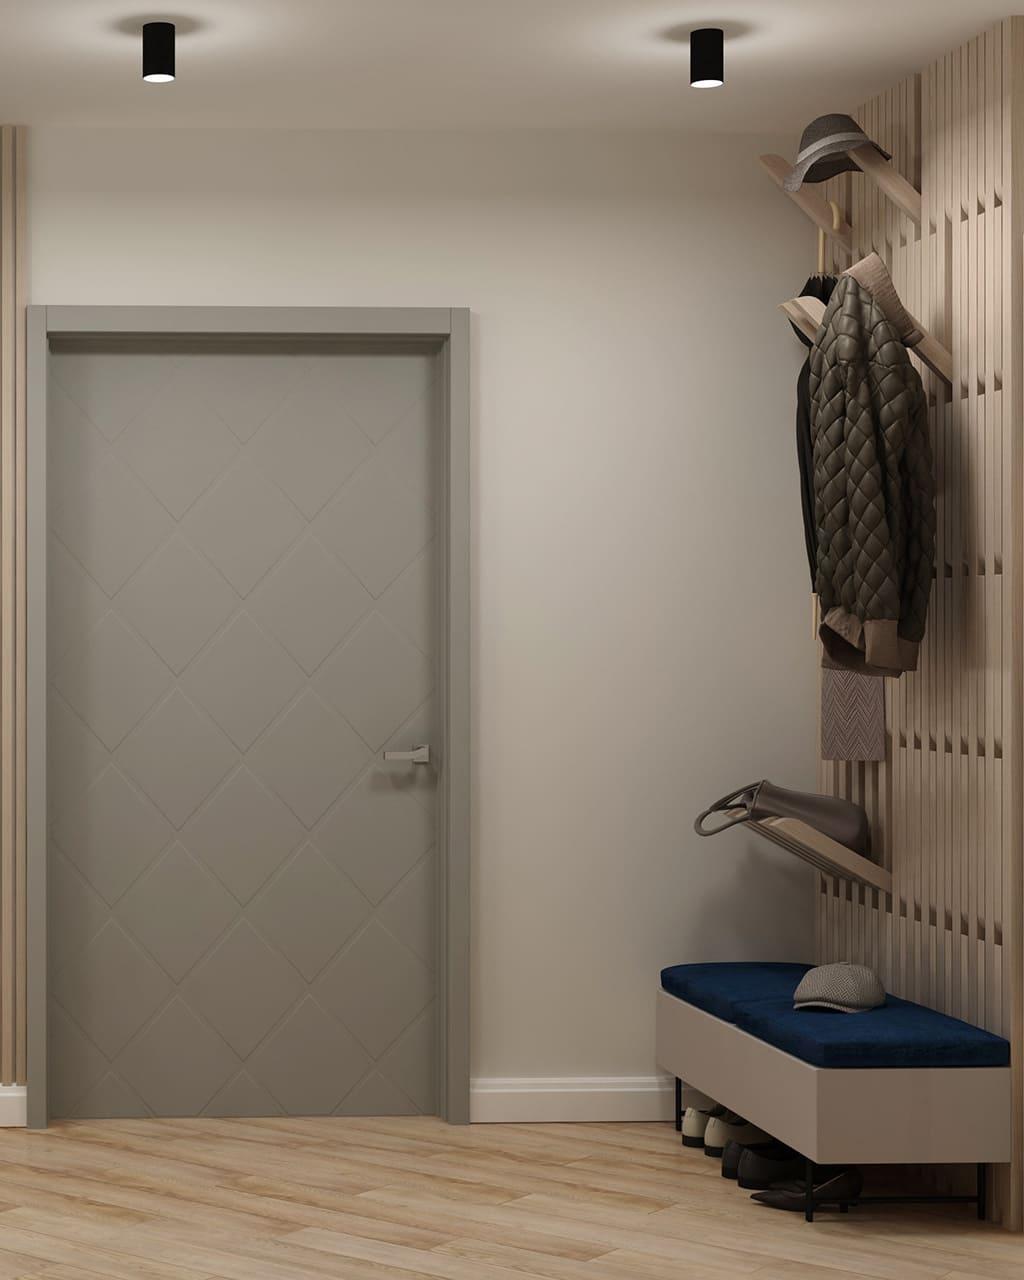 design d'intérieur couloir photo 67